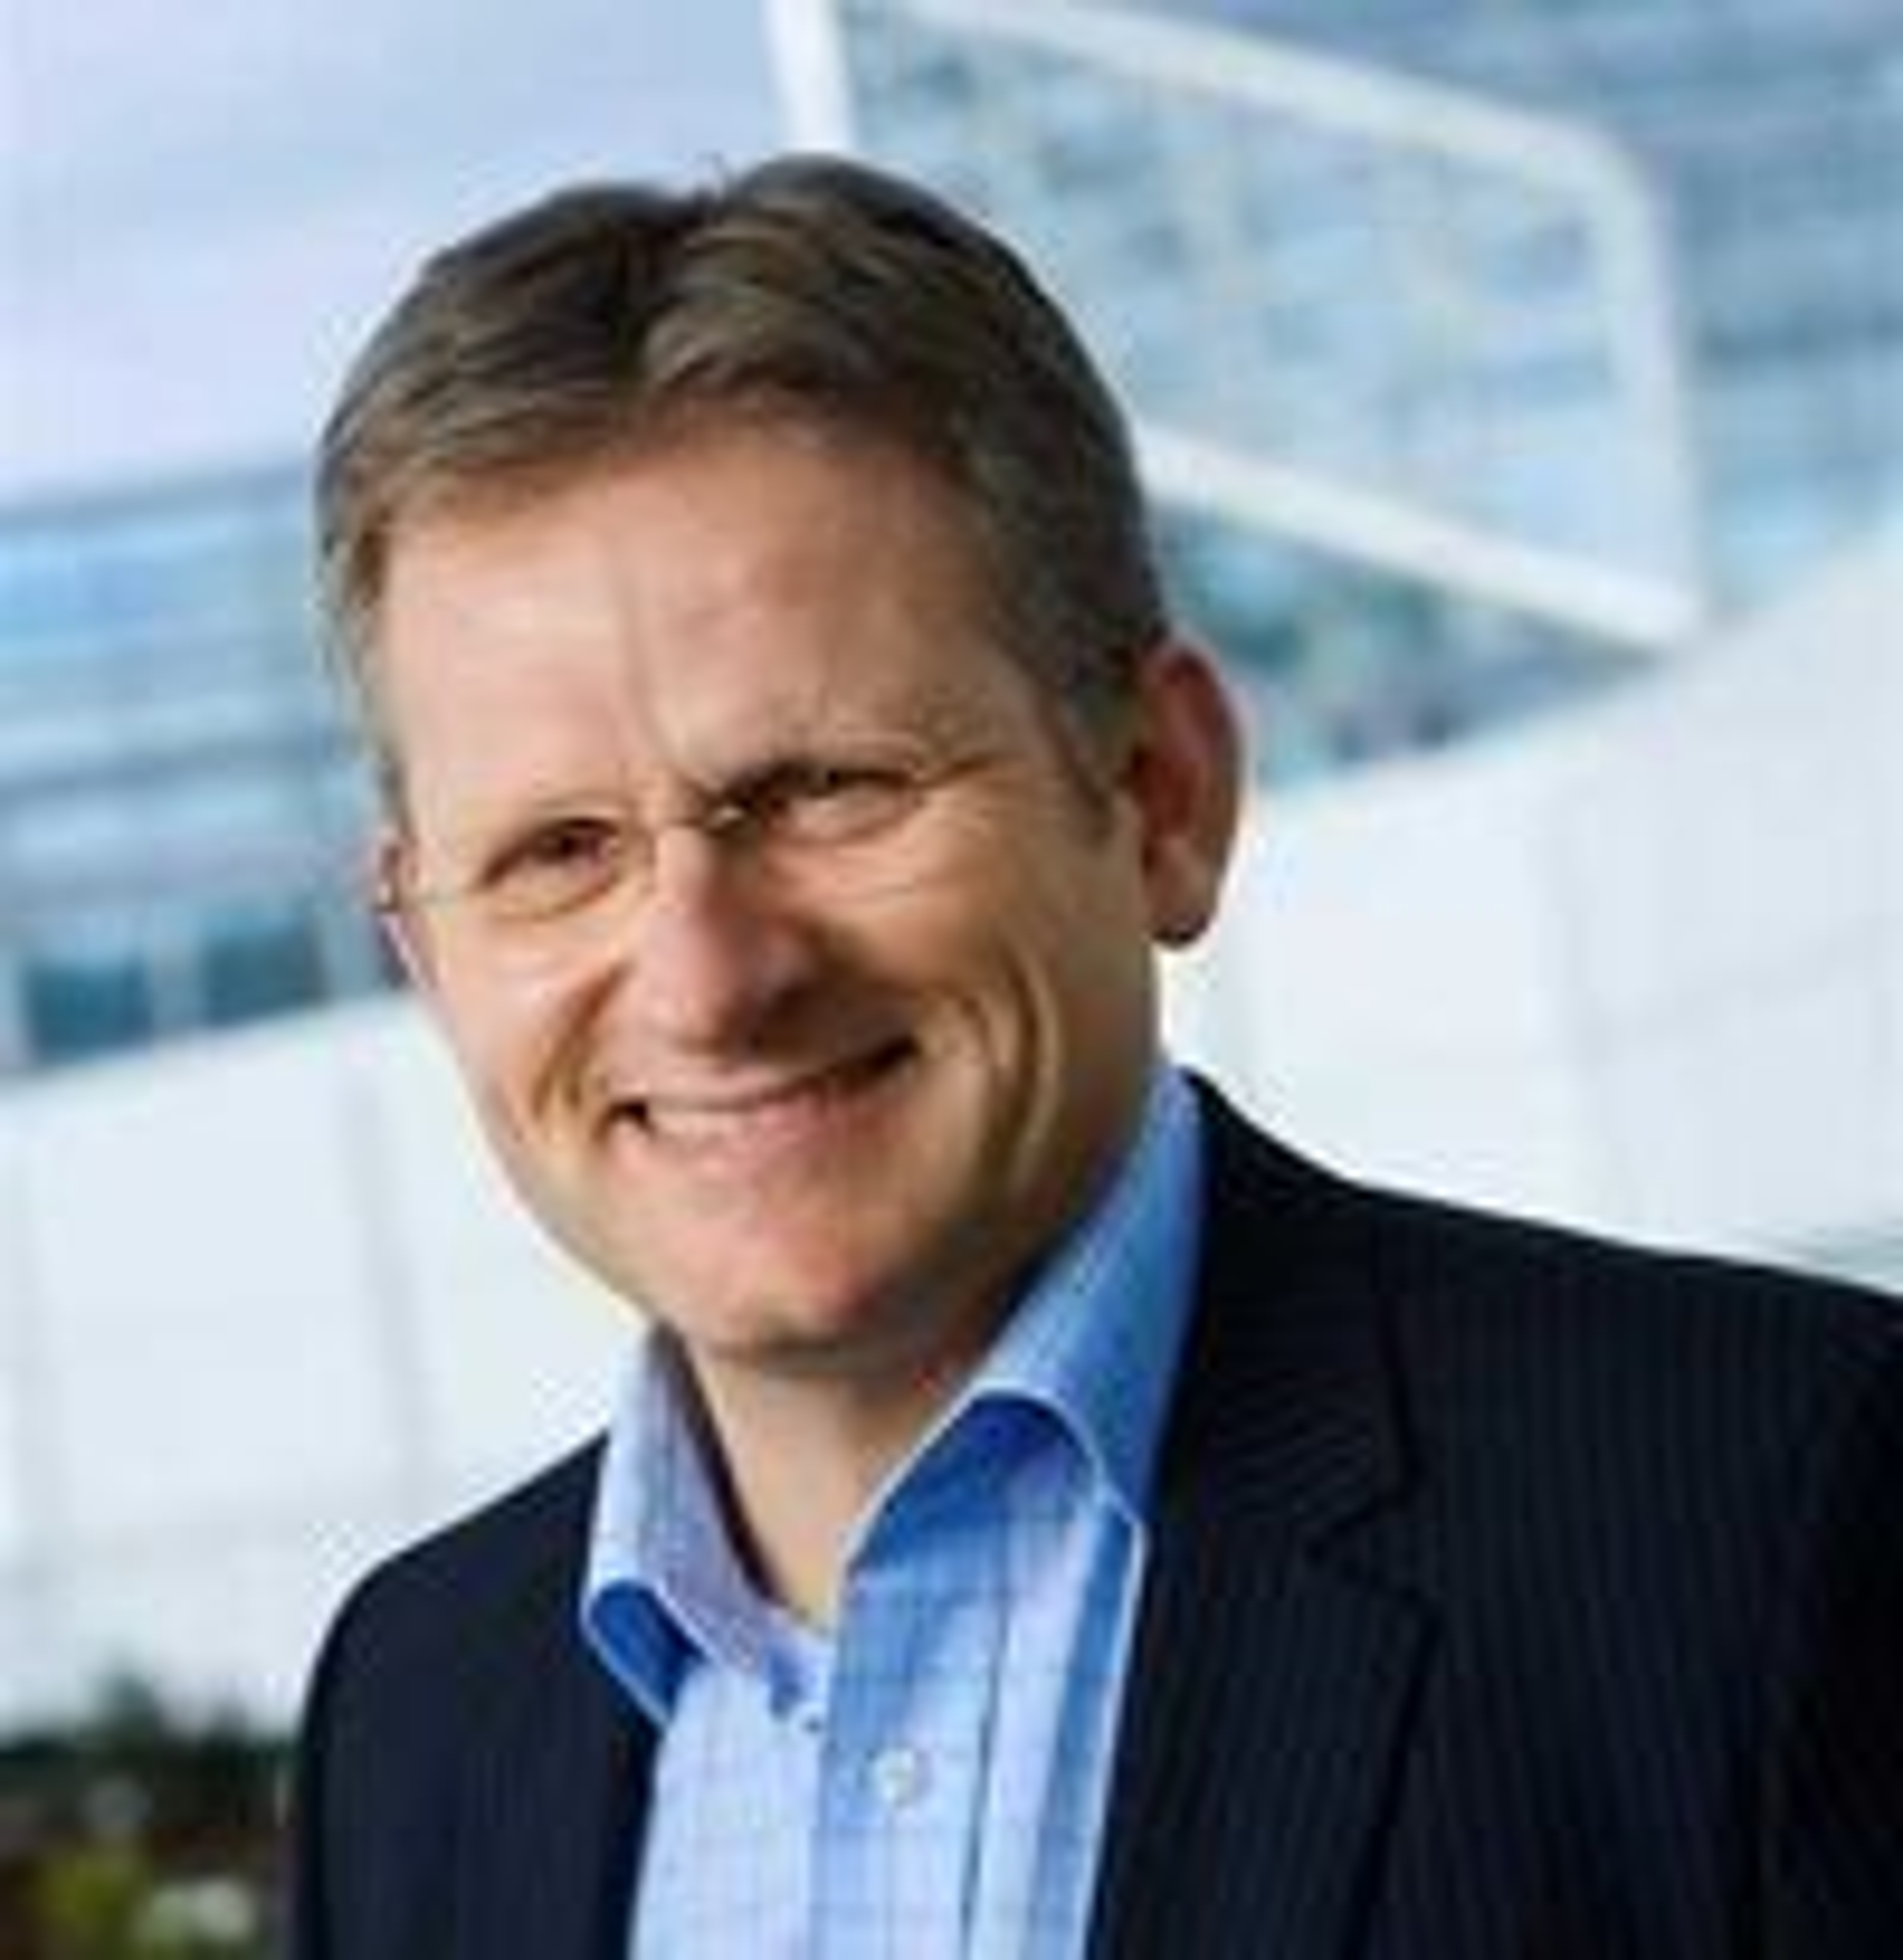 Administrerende direktør Morten Thorkildsen i IBM Norge peker på IBMs rolle i byggingen av IT-næring og samfunnsinstitusjoner gjennom 76 år her i landet.